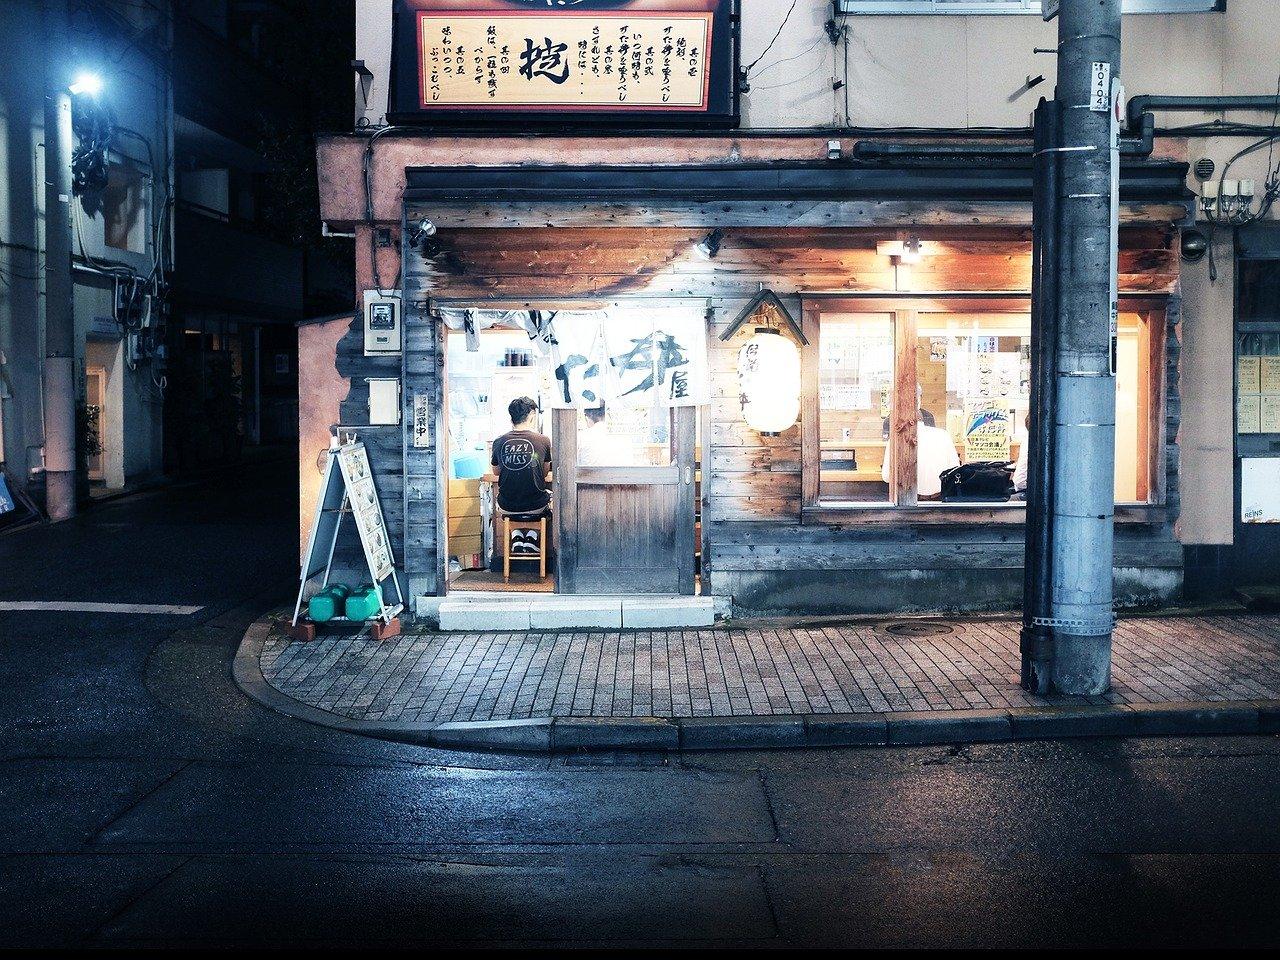 Izakaya gastropub langs de straat in Toyko